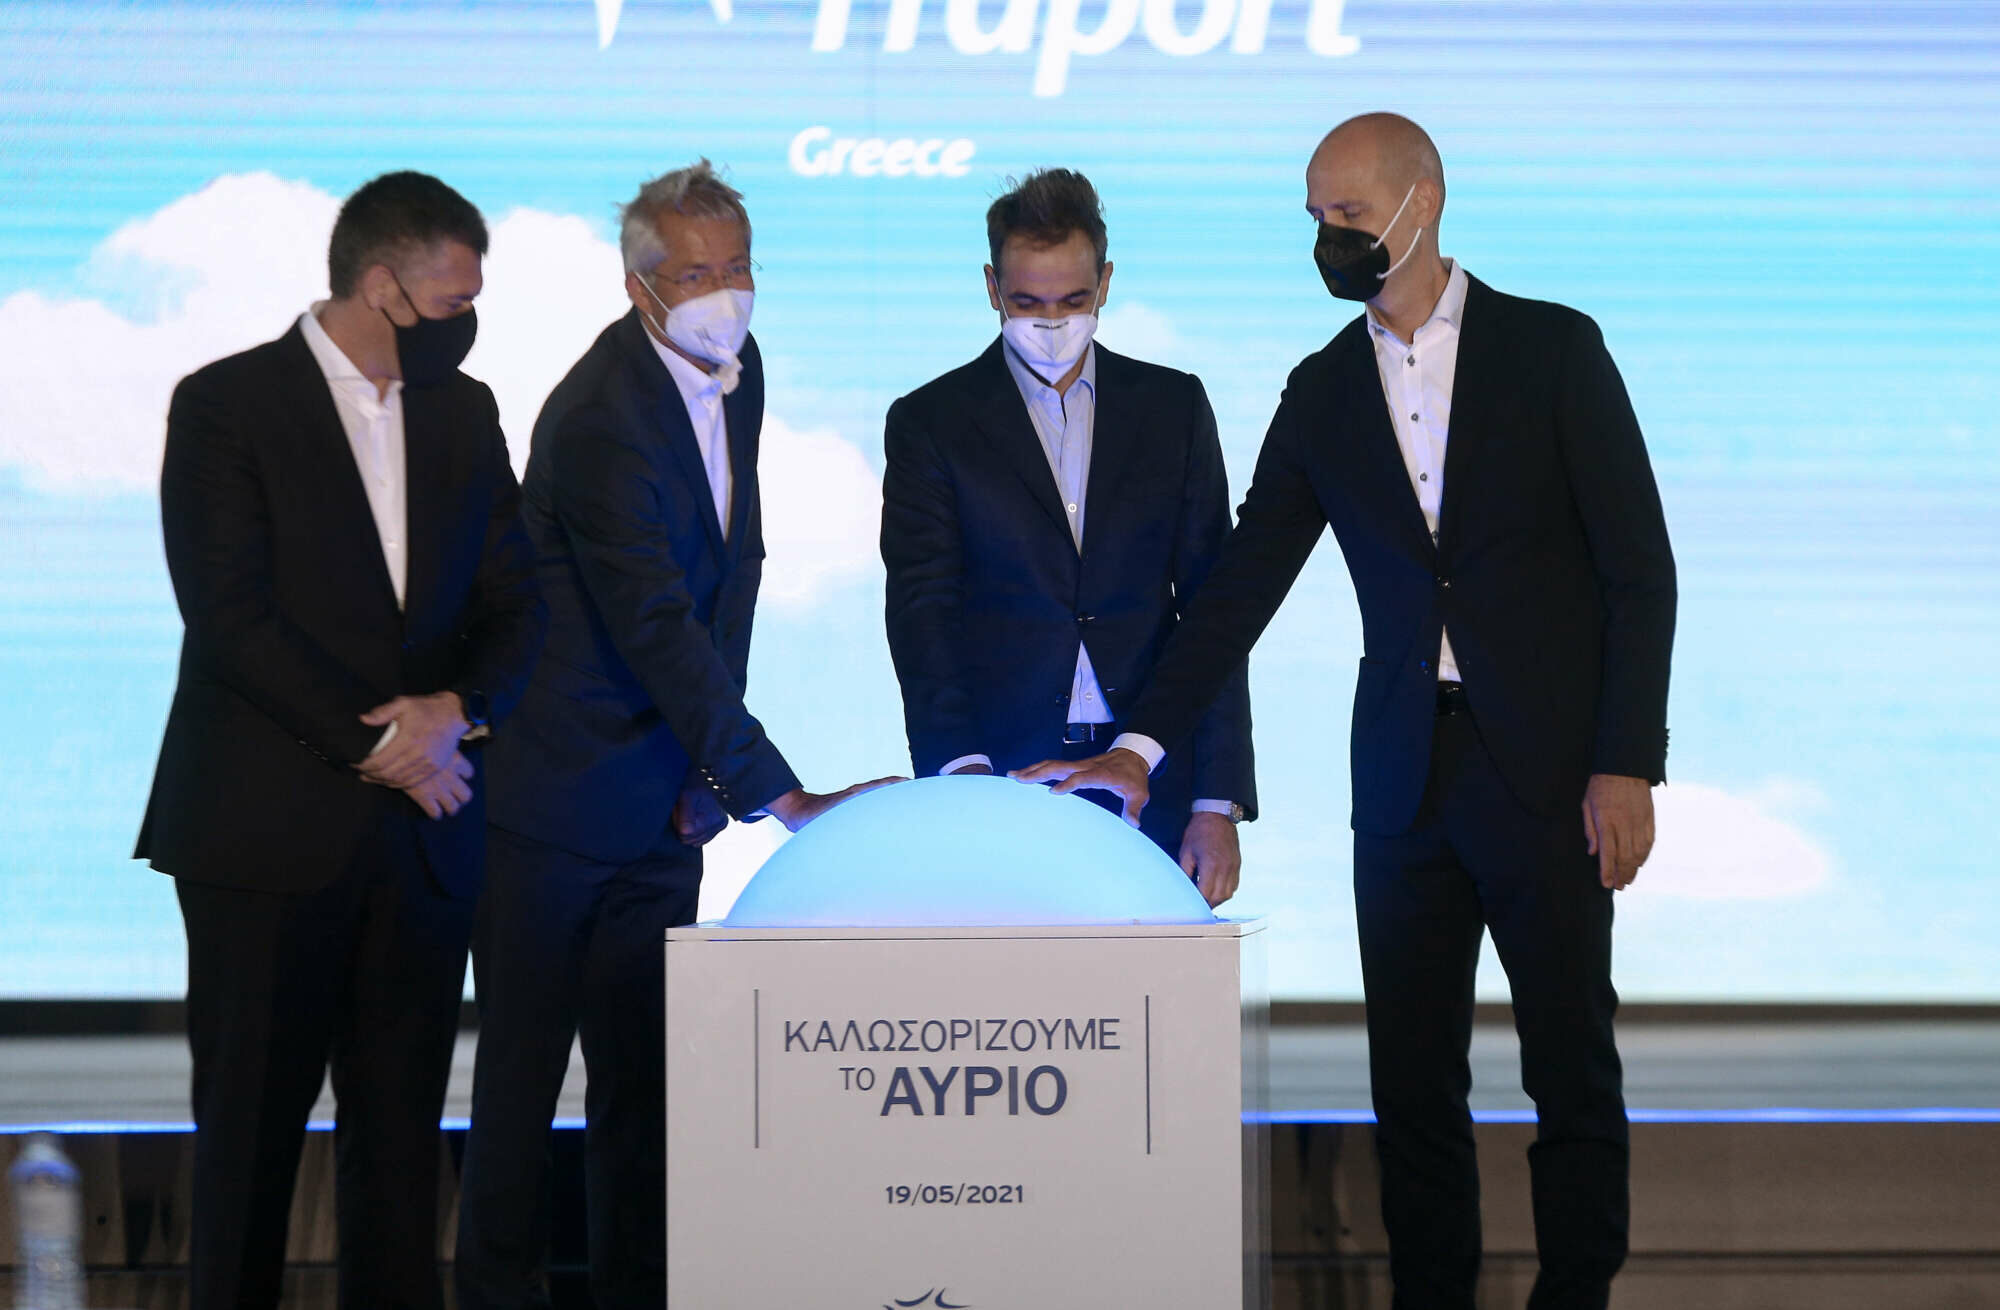 Ο πρωθυπουργός Κυριάκος Μητσοτάκης με τον πρόεδρο της Fraport Στέφαν Σούλτε (δεύτερος από αριστερά) και τον Αλεξάντερ Ζίνελ (δεξιά) ενεργοποιούν τα 14 ολοκαίνουργια περιφερειακά αεροδρόμια. CEO της Fraport Hellas. . «Η οδηγία από τον Πύργο Ελέγχου της κυβέρνησης είναι σαφής: Να ταξιδεύουμε όλο και πιο ψηλά τη χώρα χωρίς να πετάμε στα σύννεφα» τόνισε ο πρωθυπουργός